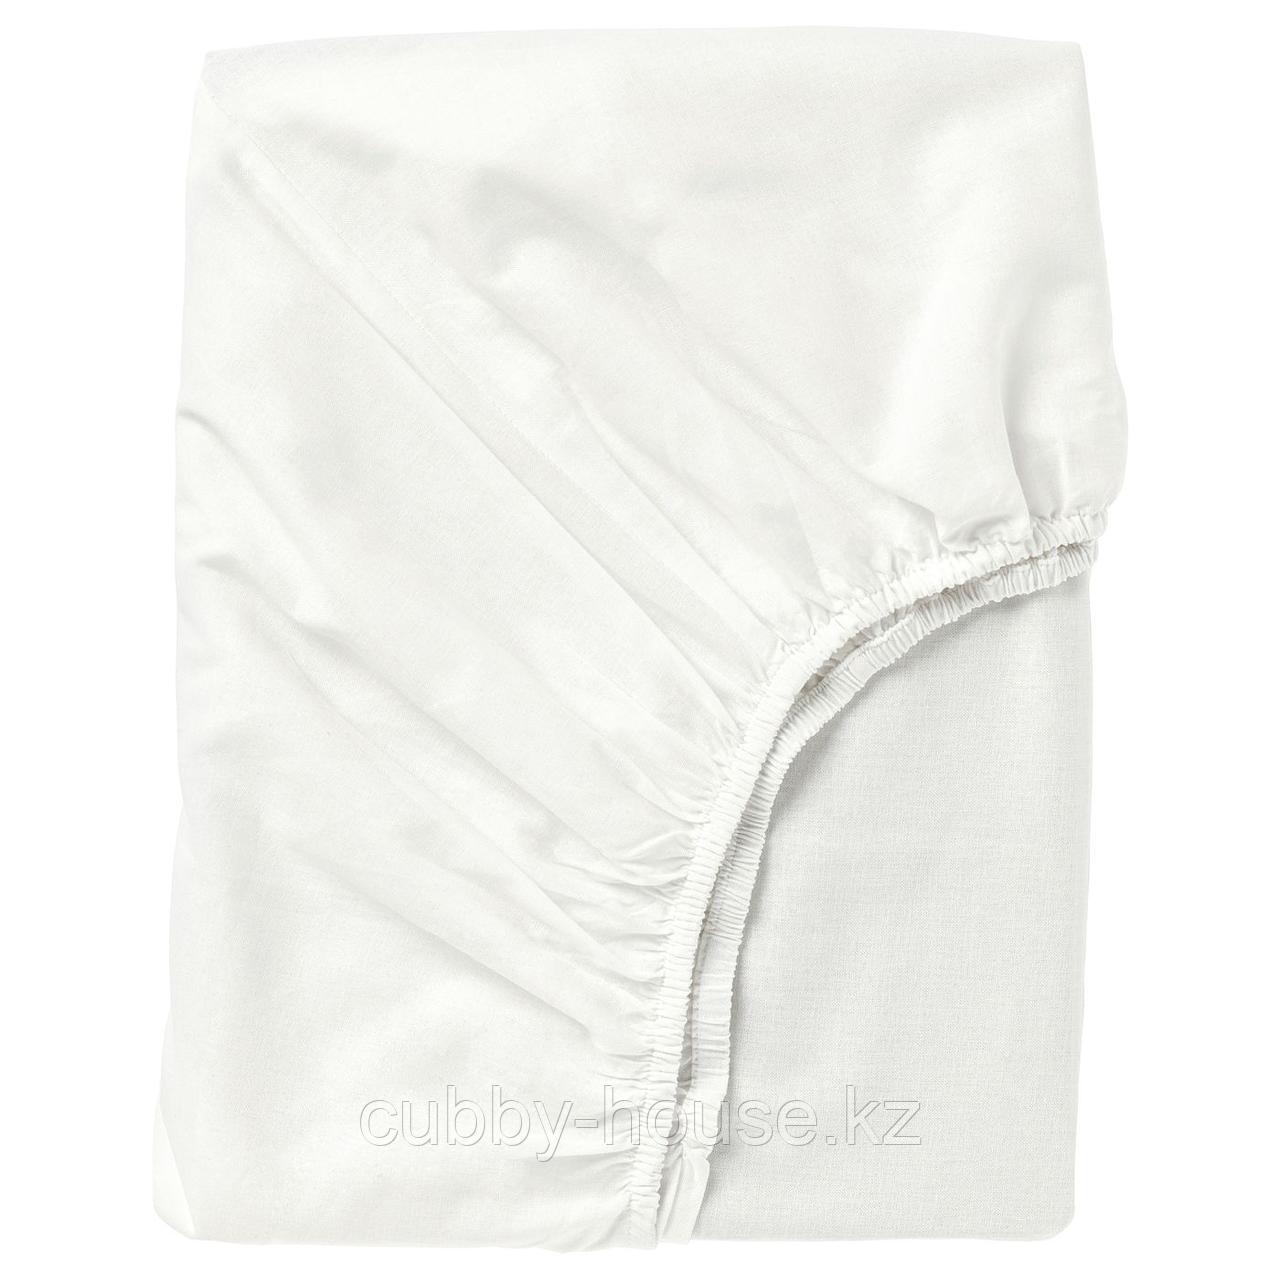 ФЭРГМОРА Простыня натяжная, белый, 140x200 см